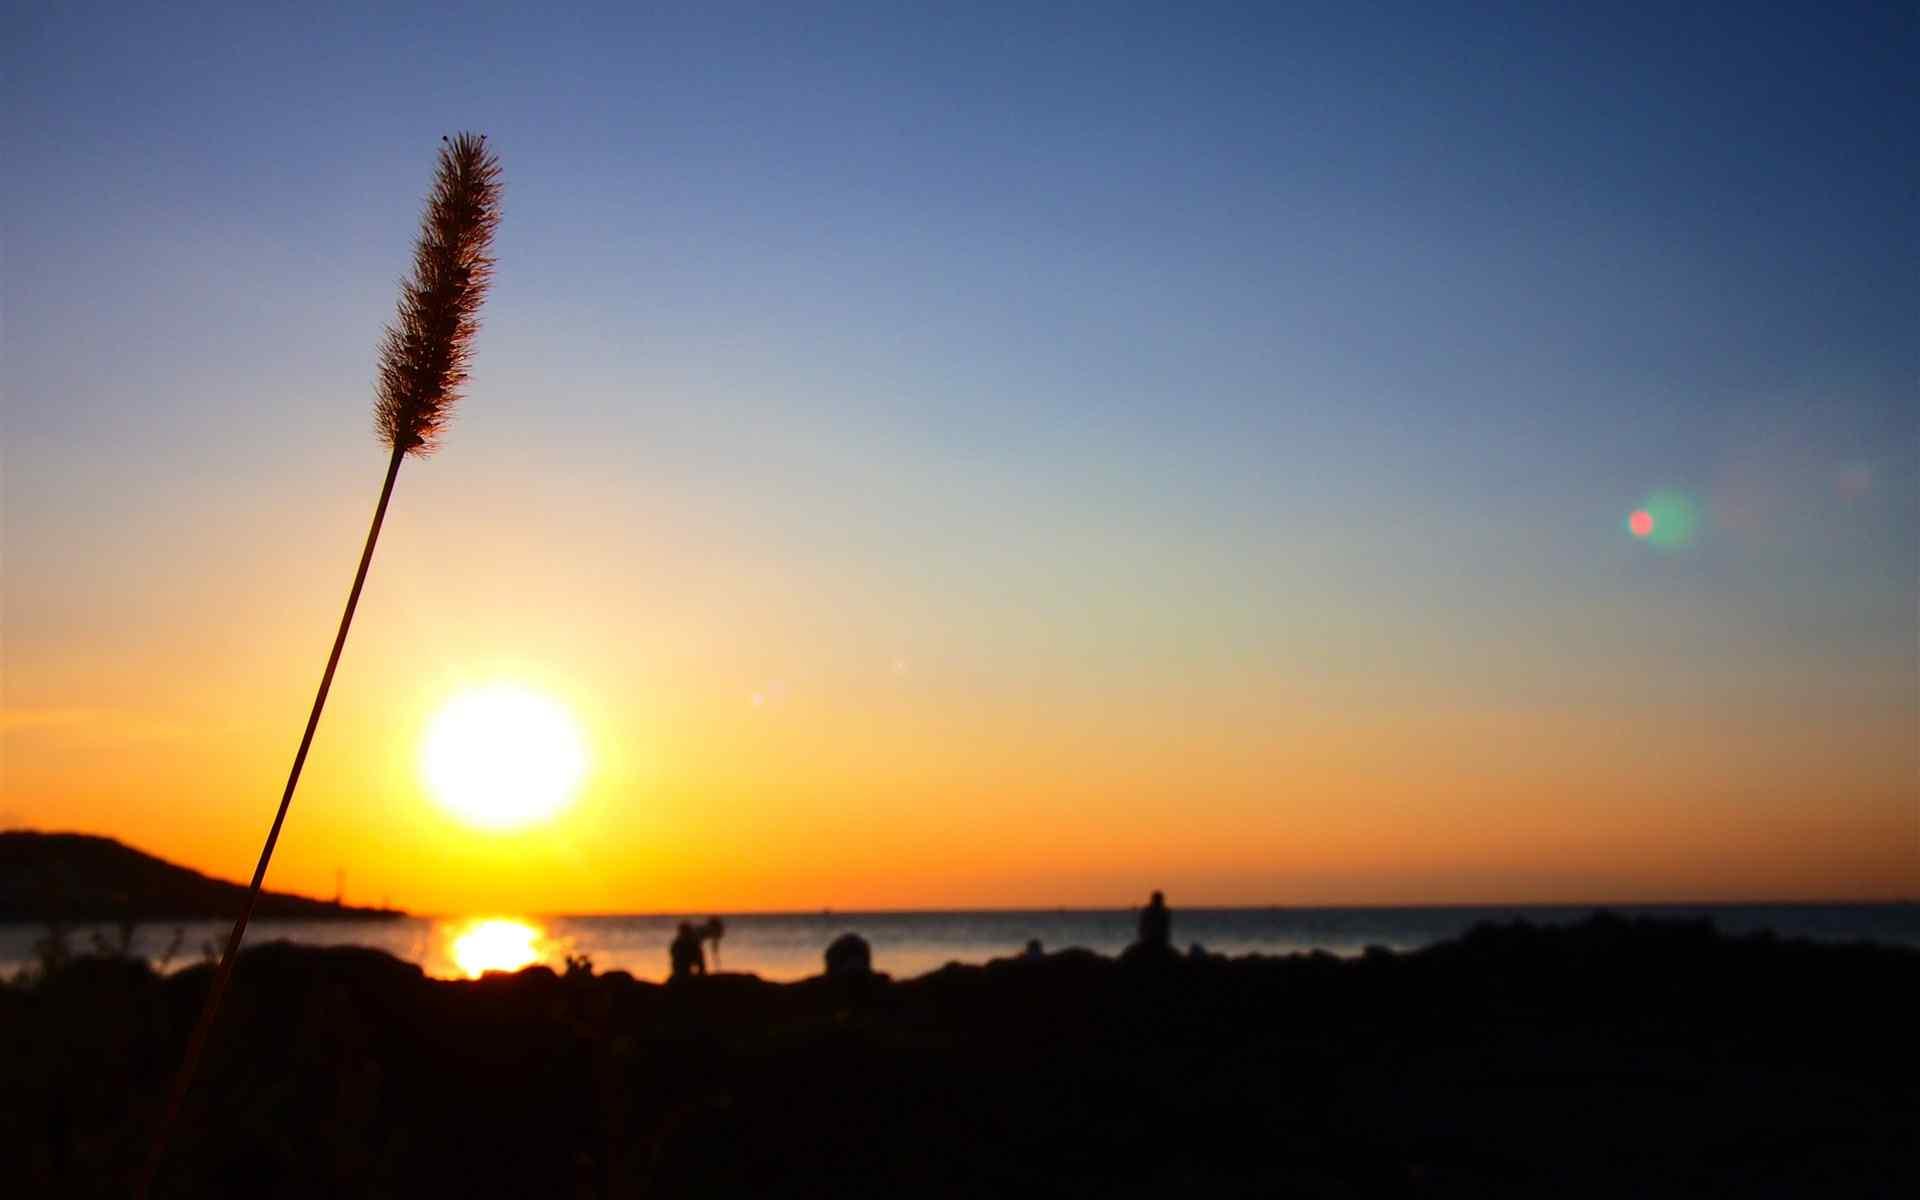 韩国济州岛夕阳西下桌面壁纸